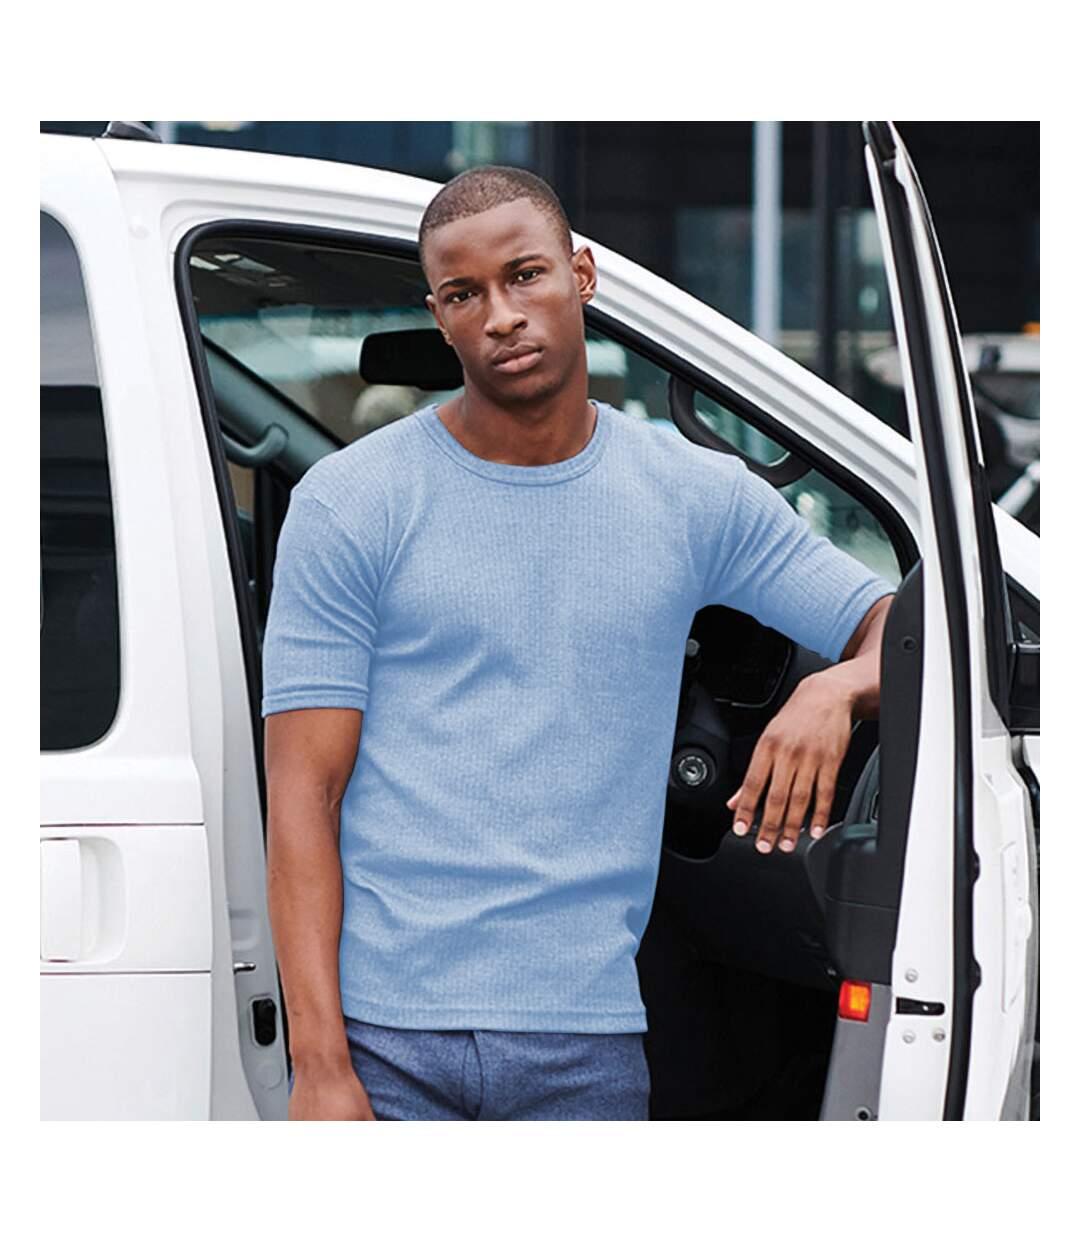 Regatta - T-shirt thermique à manche courtes - Homme (Bleu) - UTRW1258